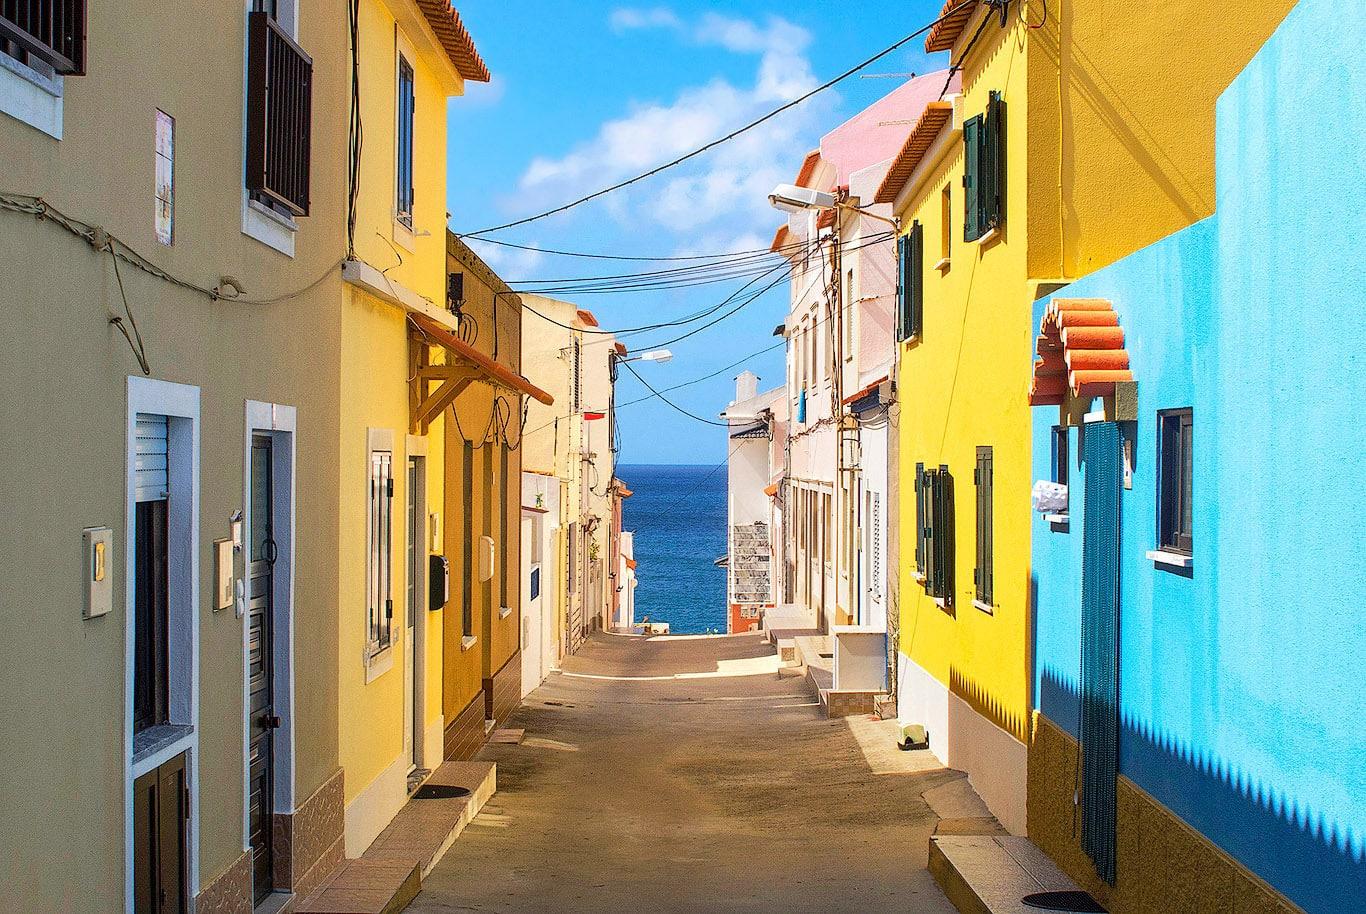 Peniche village in Portugal